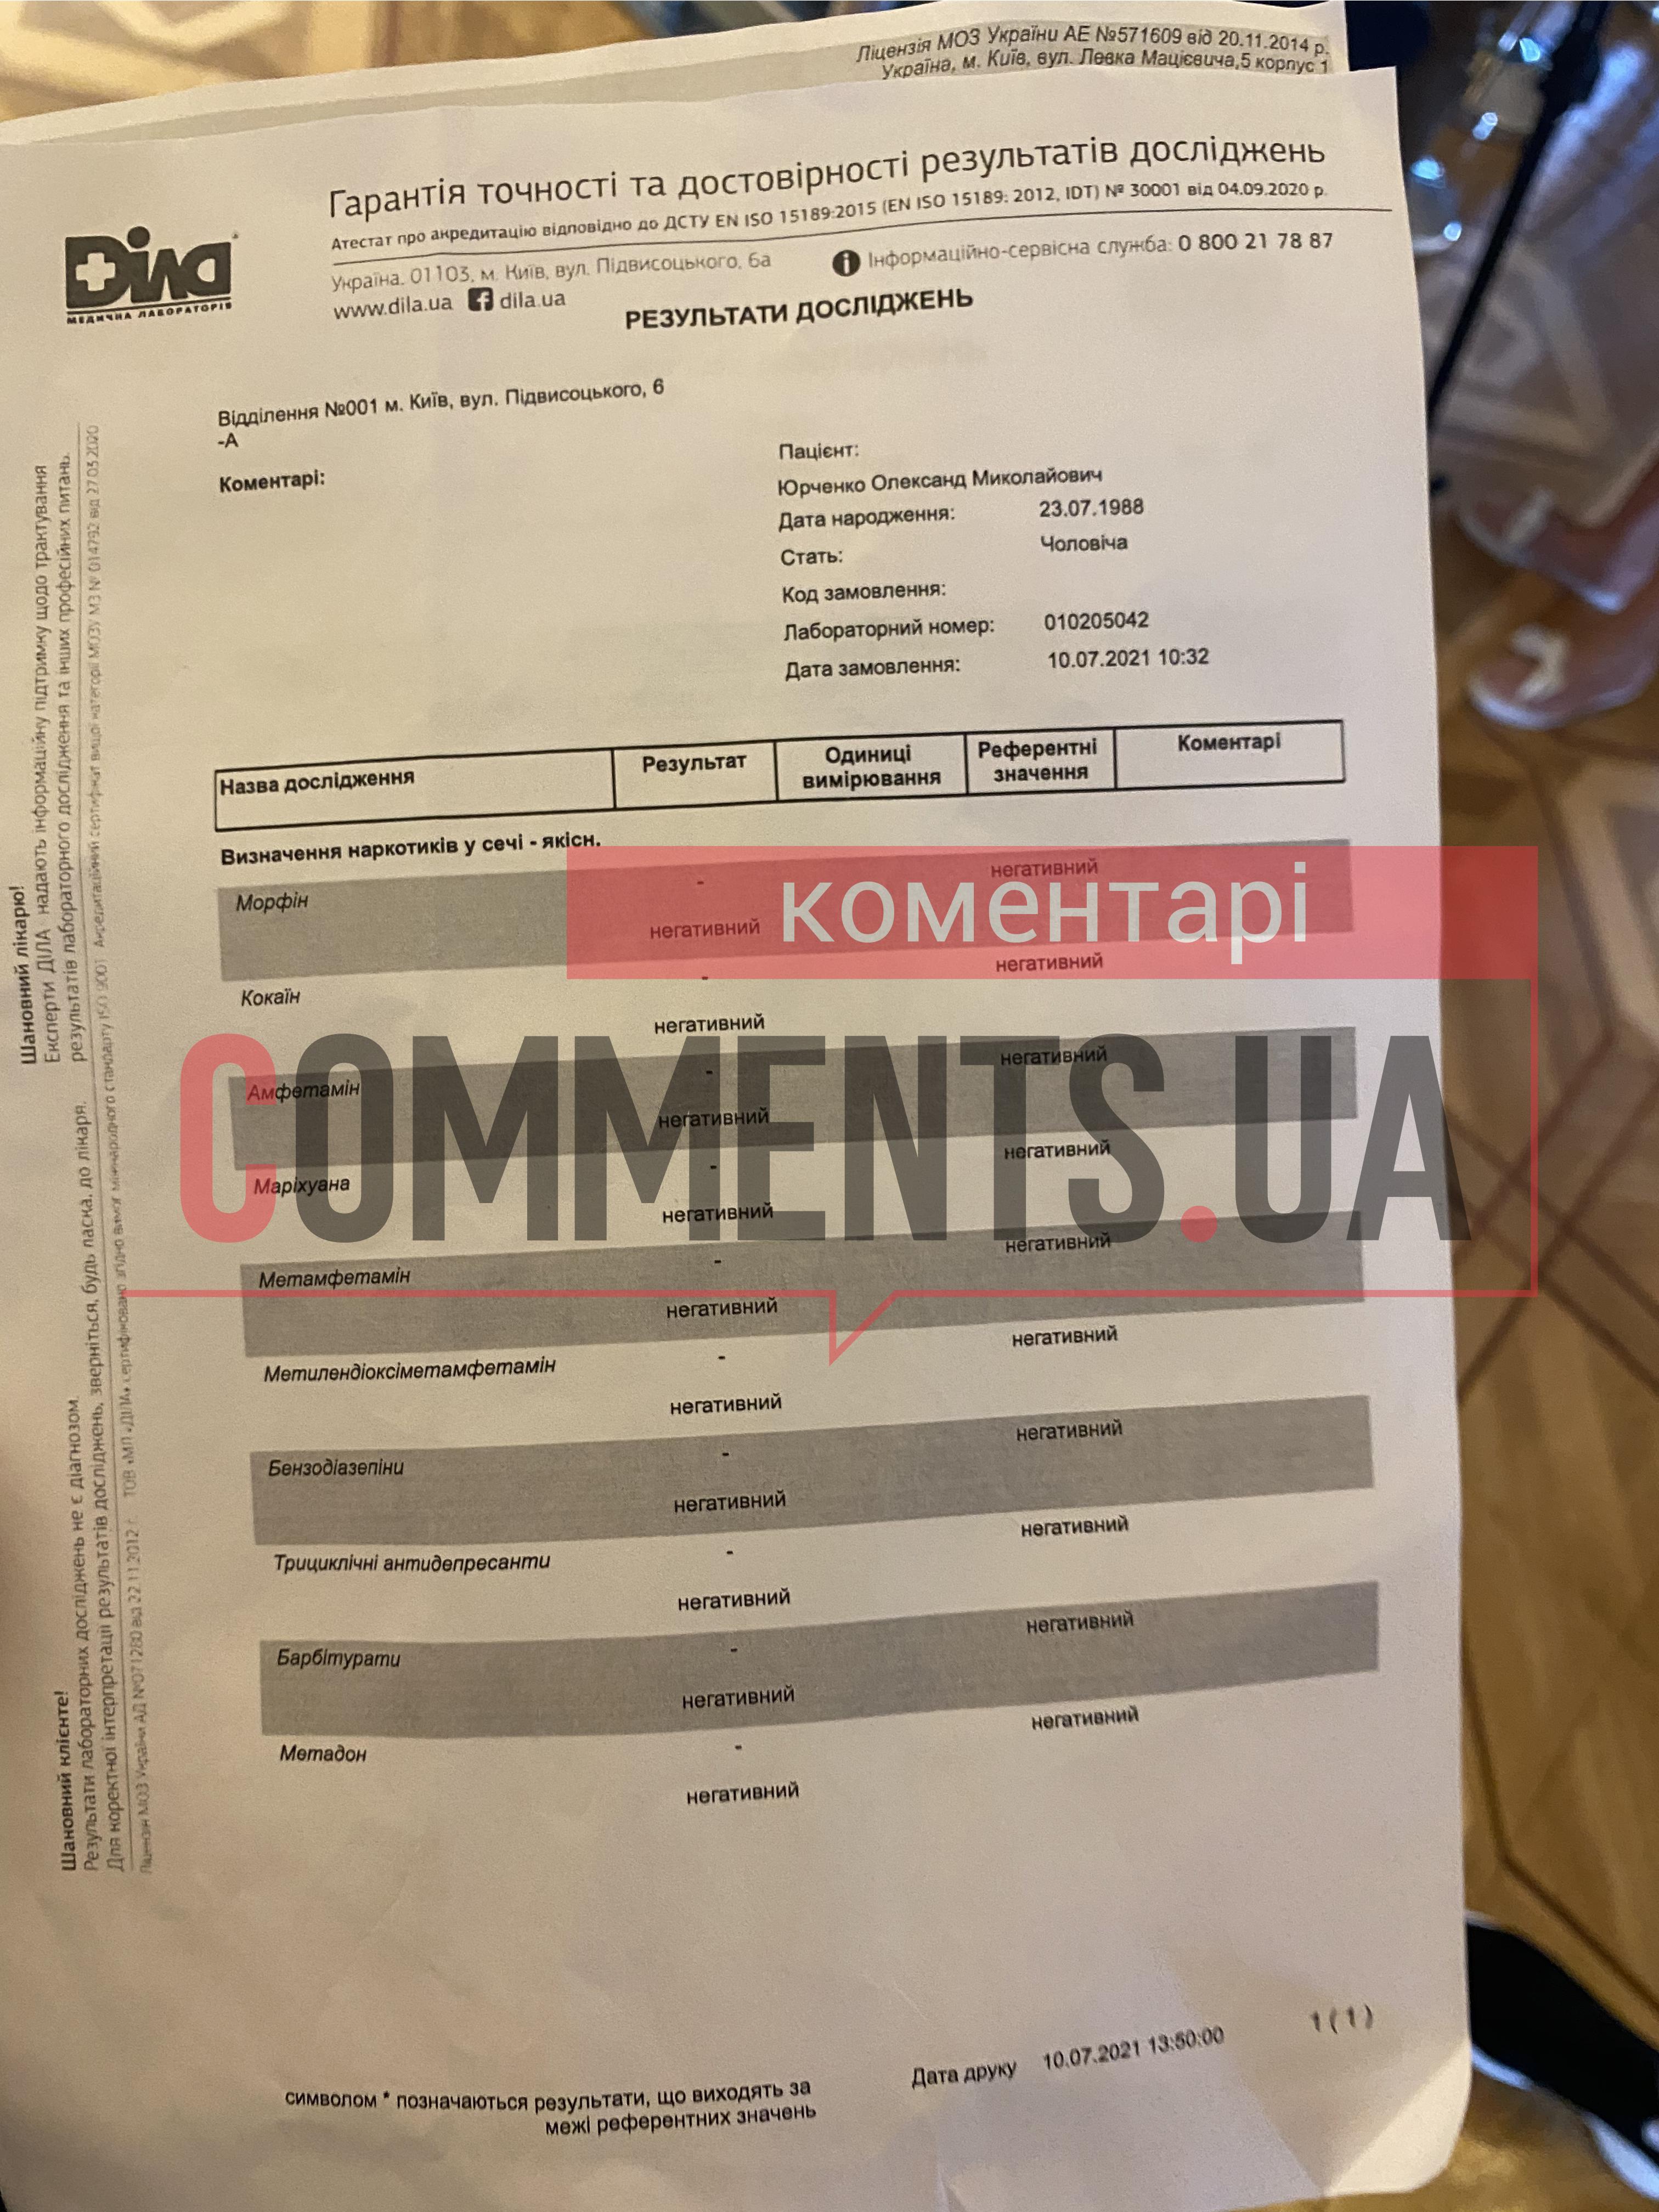 Скандальное ДТП во Львове: сдаст ли мандат нардеп Юрченко из-за теста на наркотики (ФОТО) - фото 4